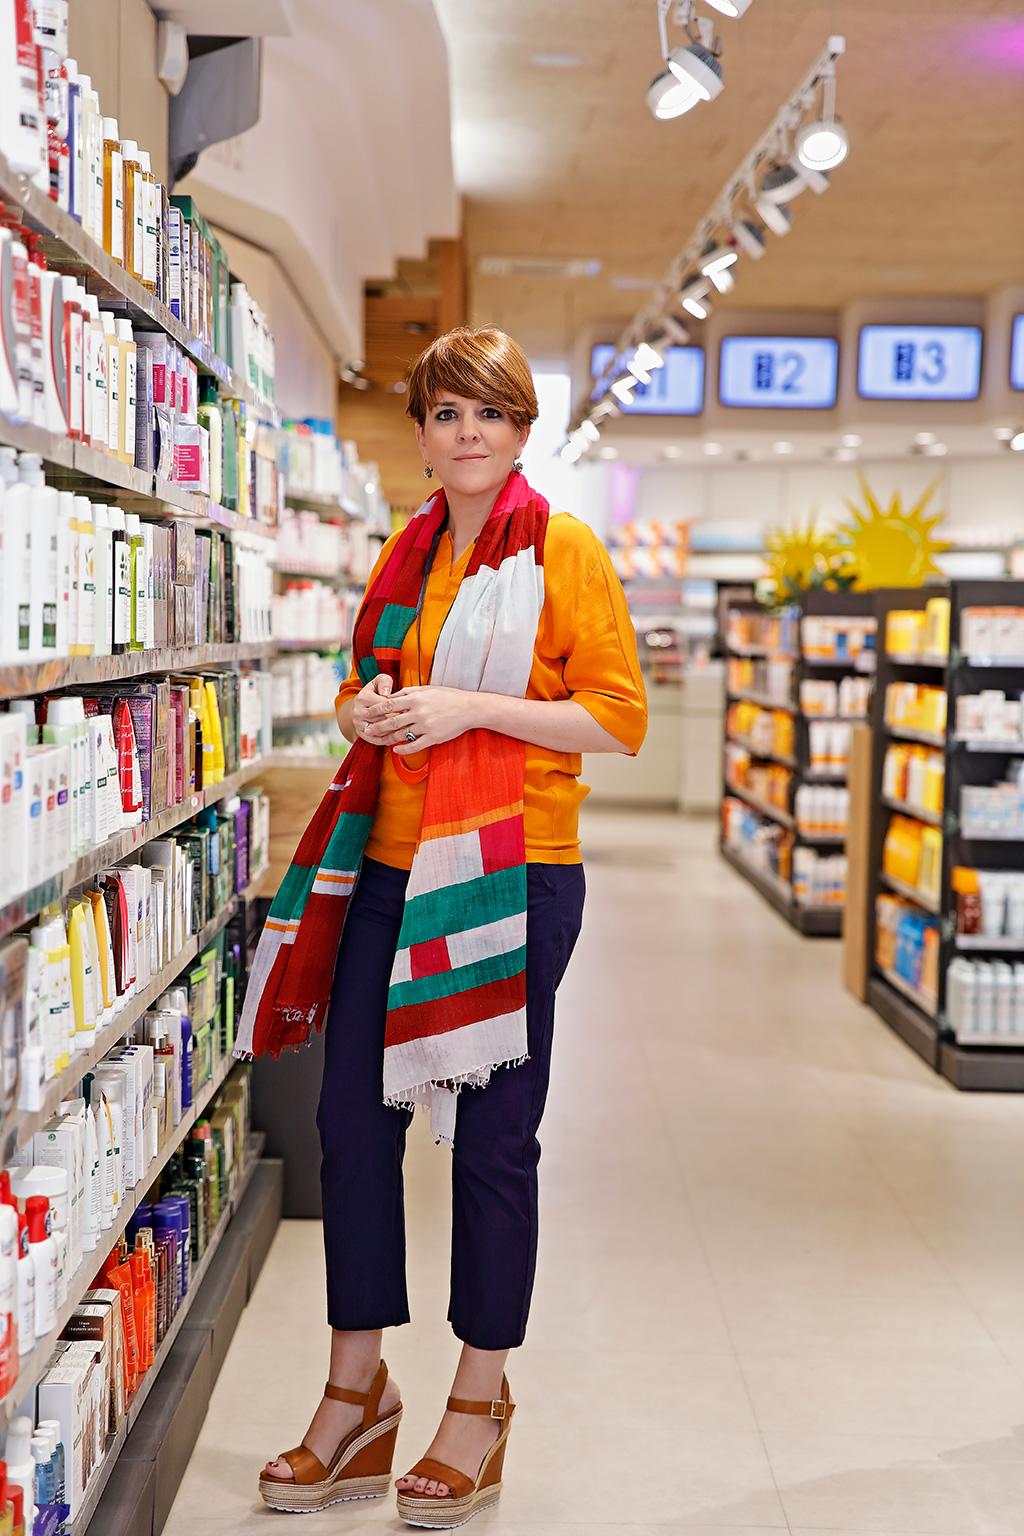 Mónica López de Farmacia Plaza Guipúzcoa, posando para Muselines con prendas de AUKA y calzado de Ainhoa Etxeberria.